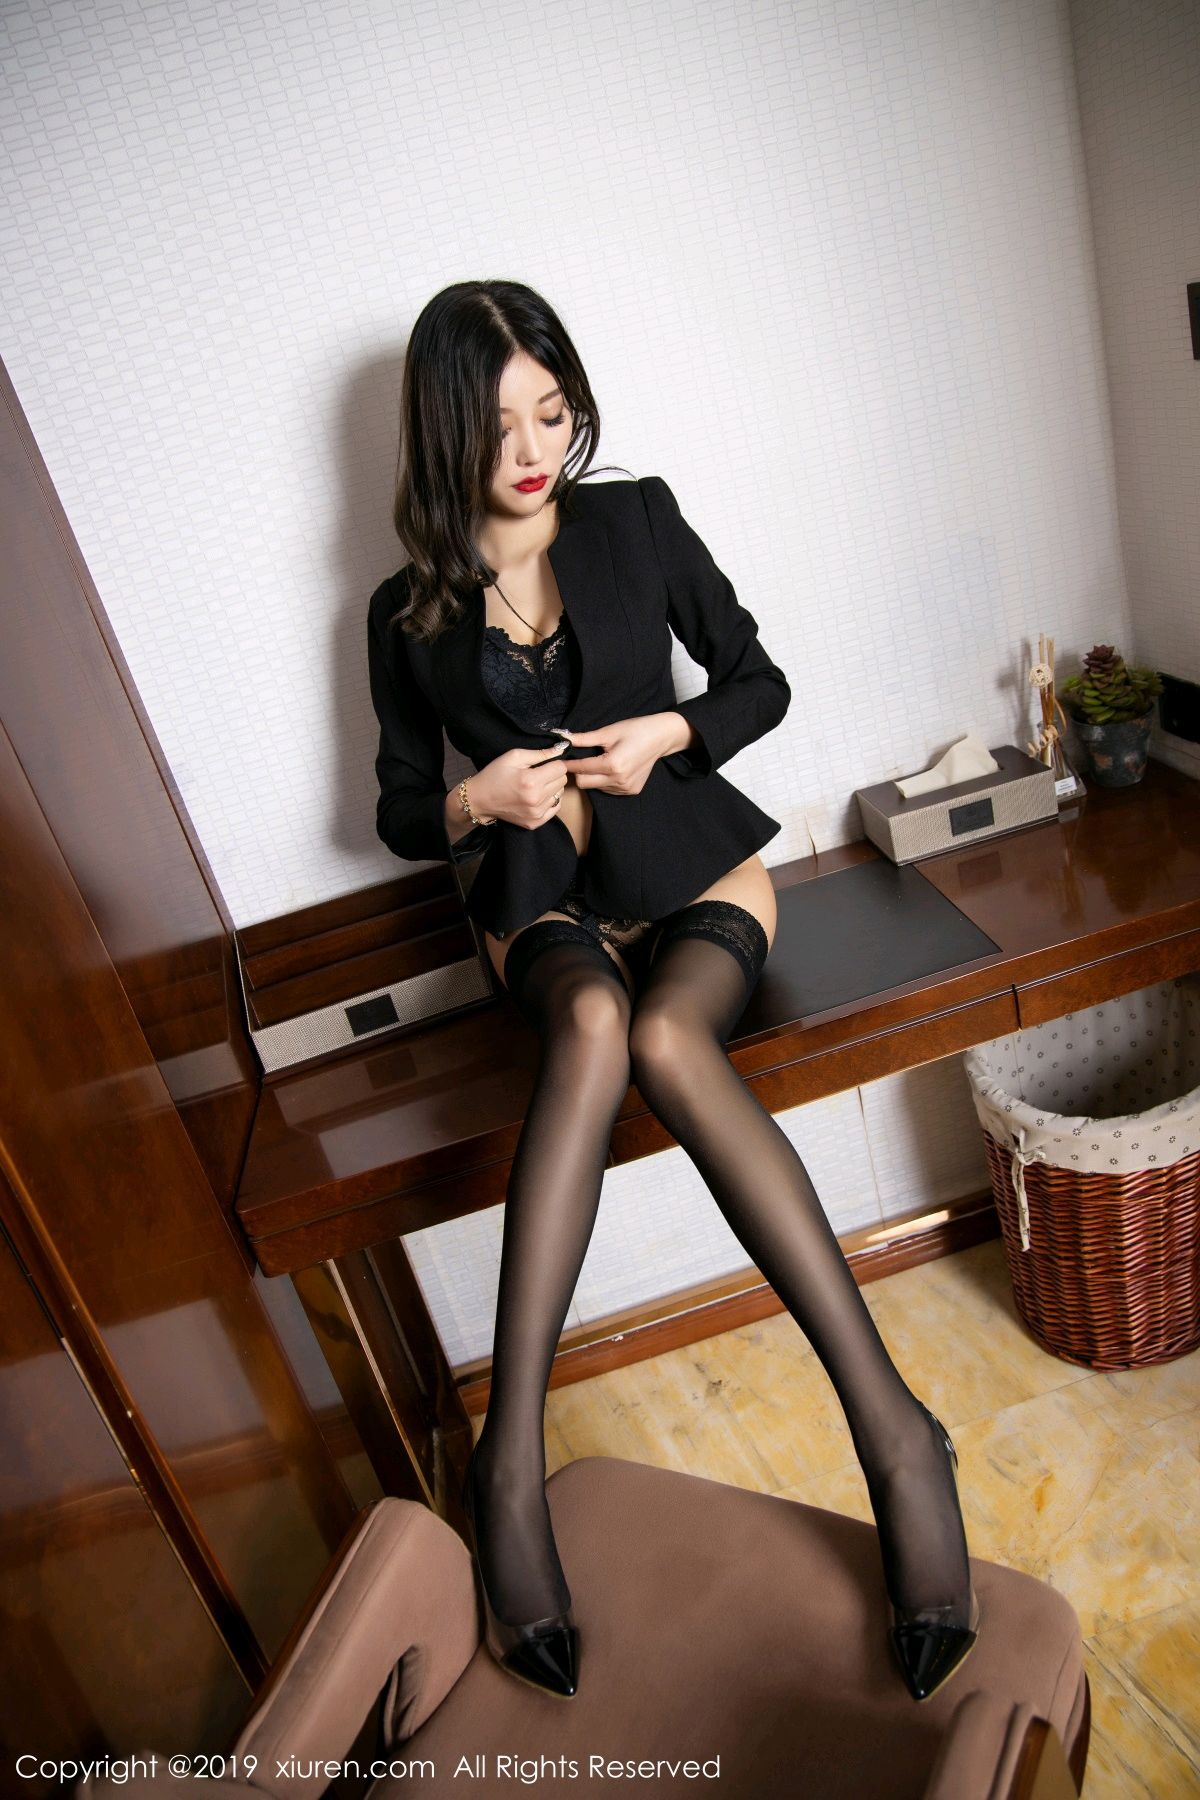 [XiaoYu] Vol.1633 Yang Chen Chen 42P, Black Silk, Tall, Uniform, XiaoYu, Yang Chen Chen